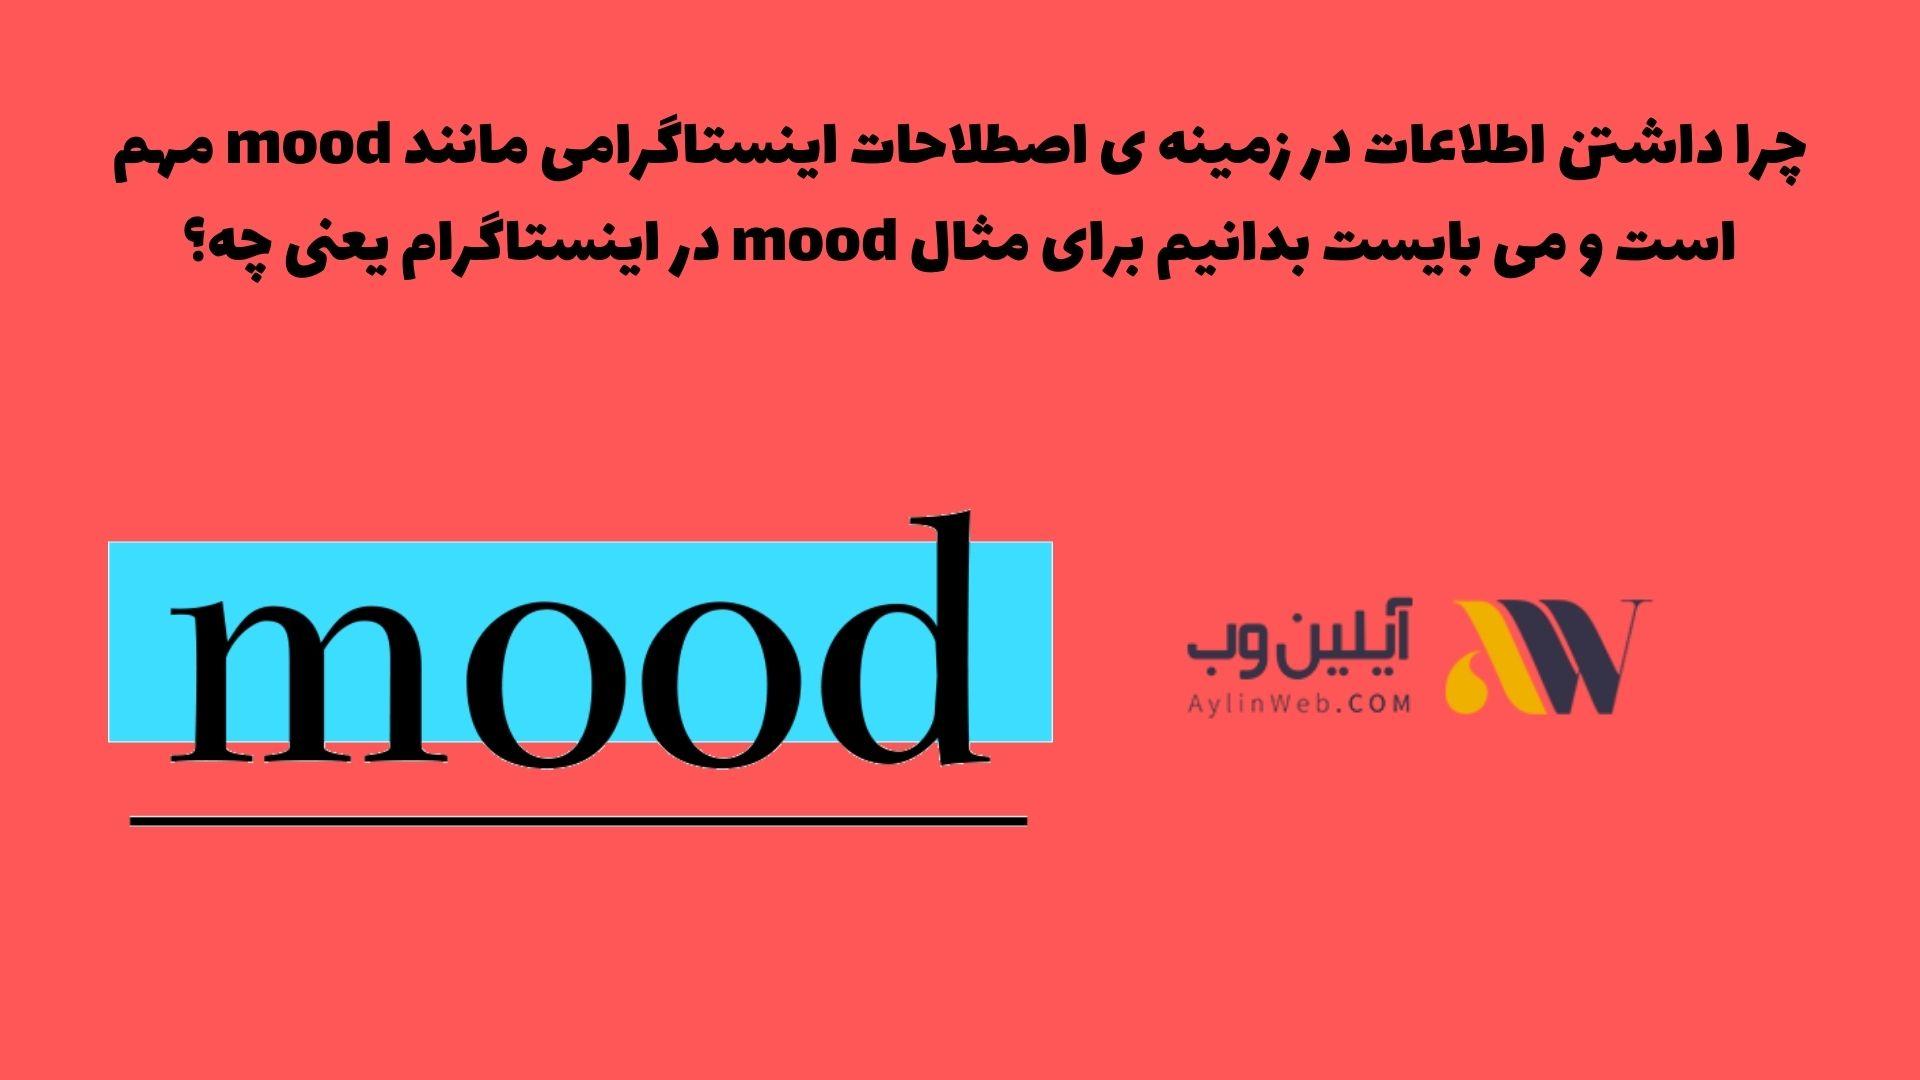 چرا داشتن اطلاعات در زمینه ی اصطلاحات اینستاگرامی مانند mood مهم است و می بایست بدانیم برای مثال mood در اینستاگرام یعنی چه؟